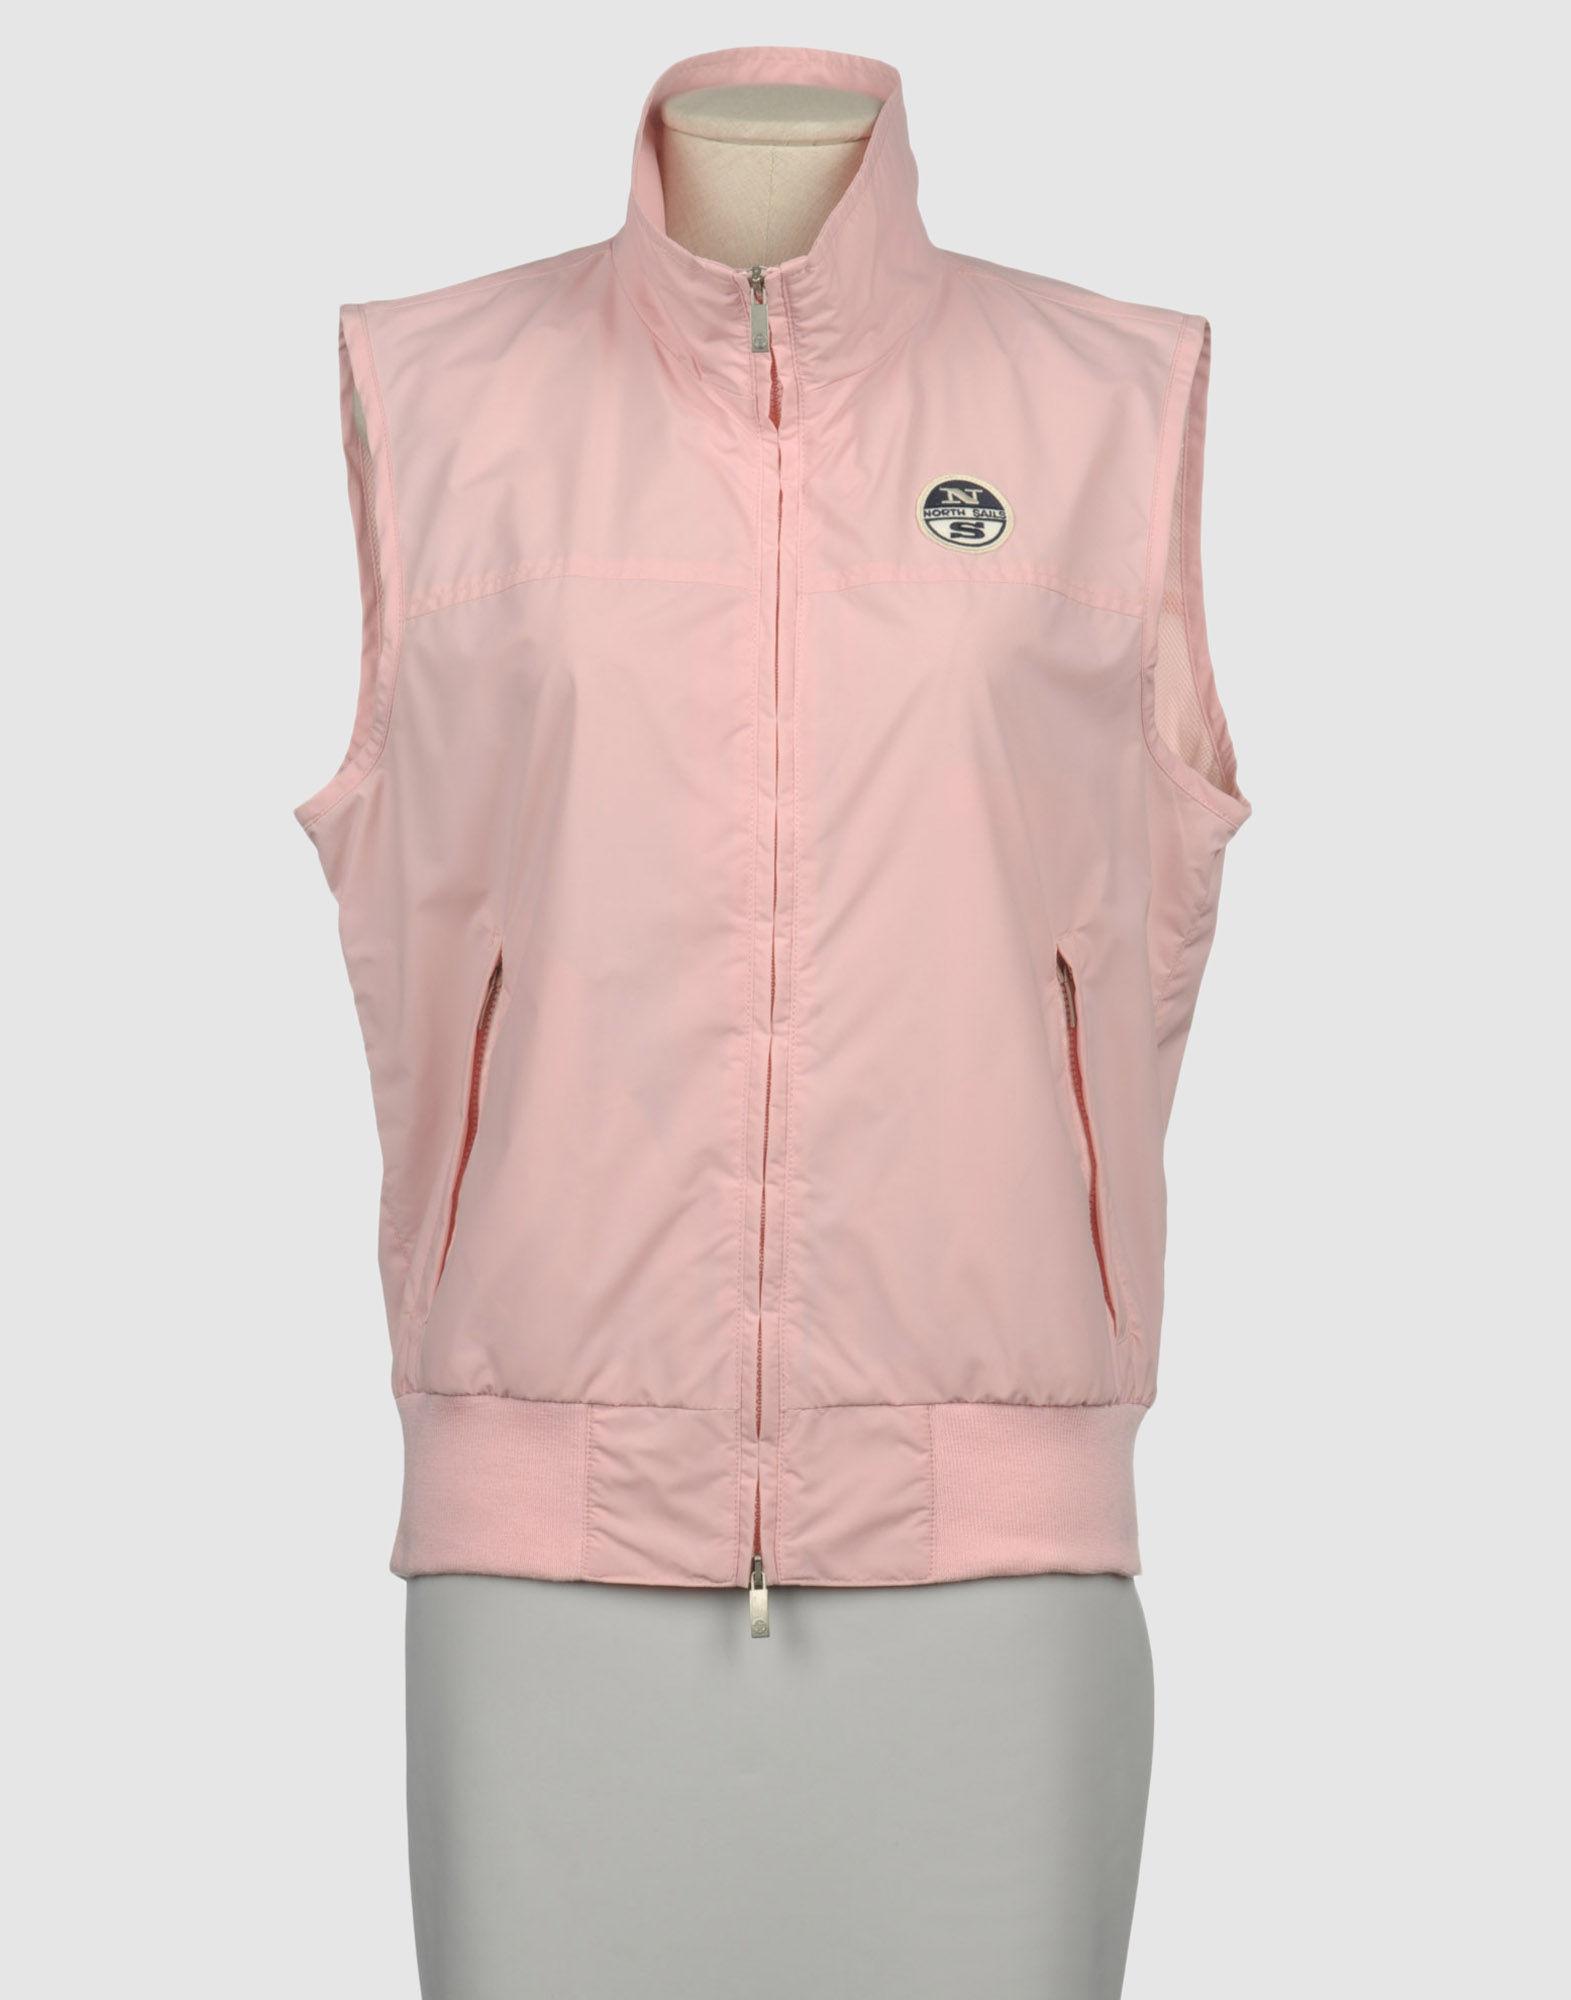 lyst north sails jacket in pink. Black Bedroom Furniture Sets. Home Design Ideas